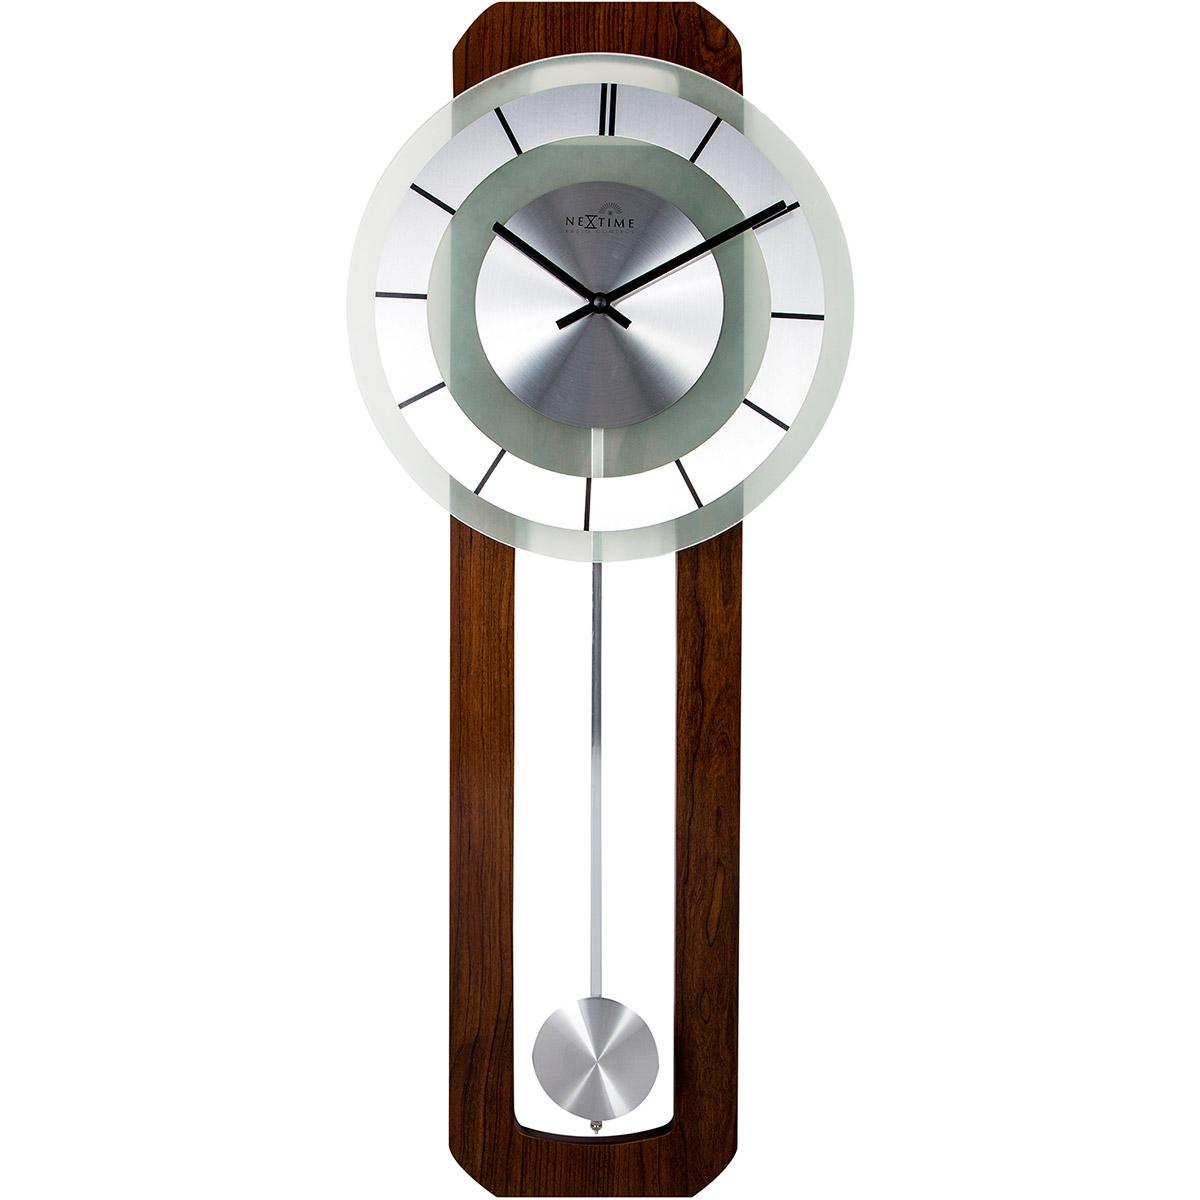 Zegar ścienny Z Wahadłem Retro Sterowany Radiowo Nextime 32 X 80 Cm